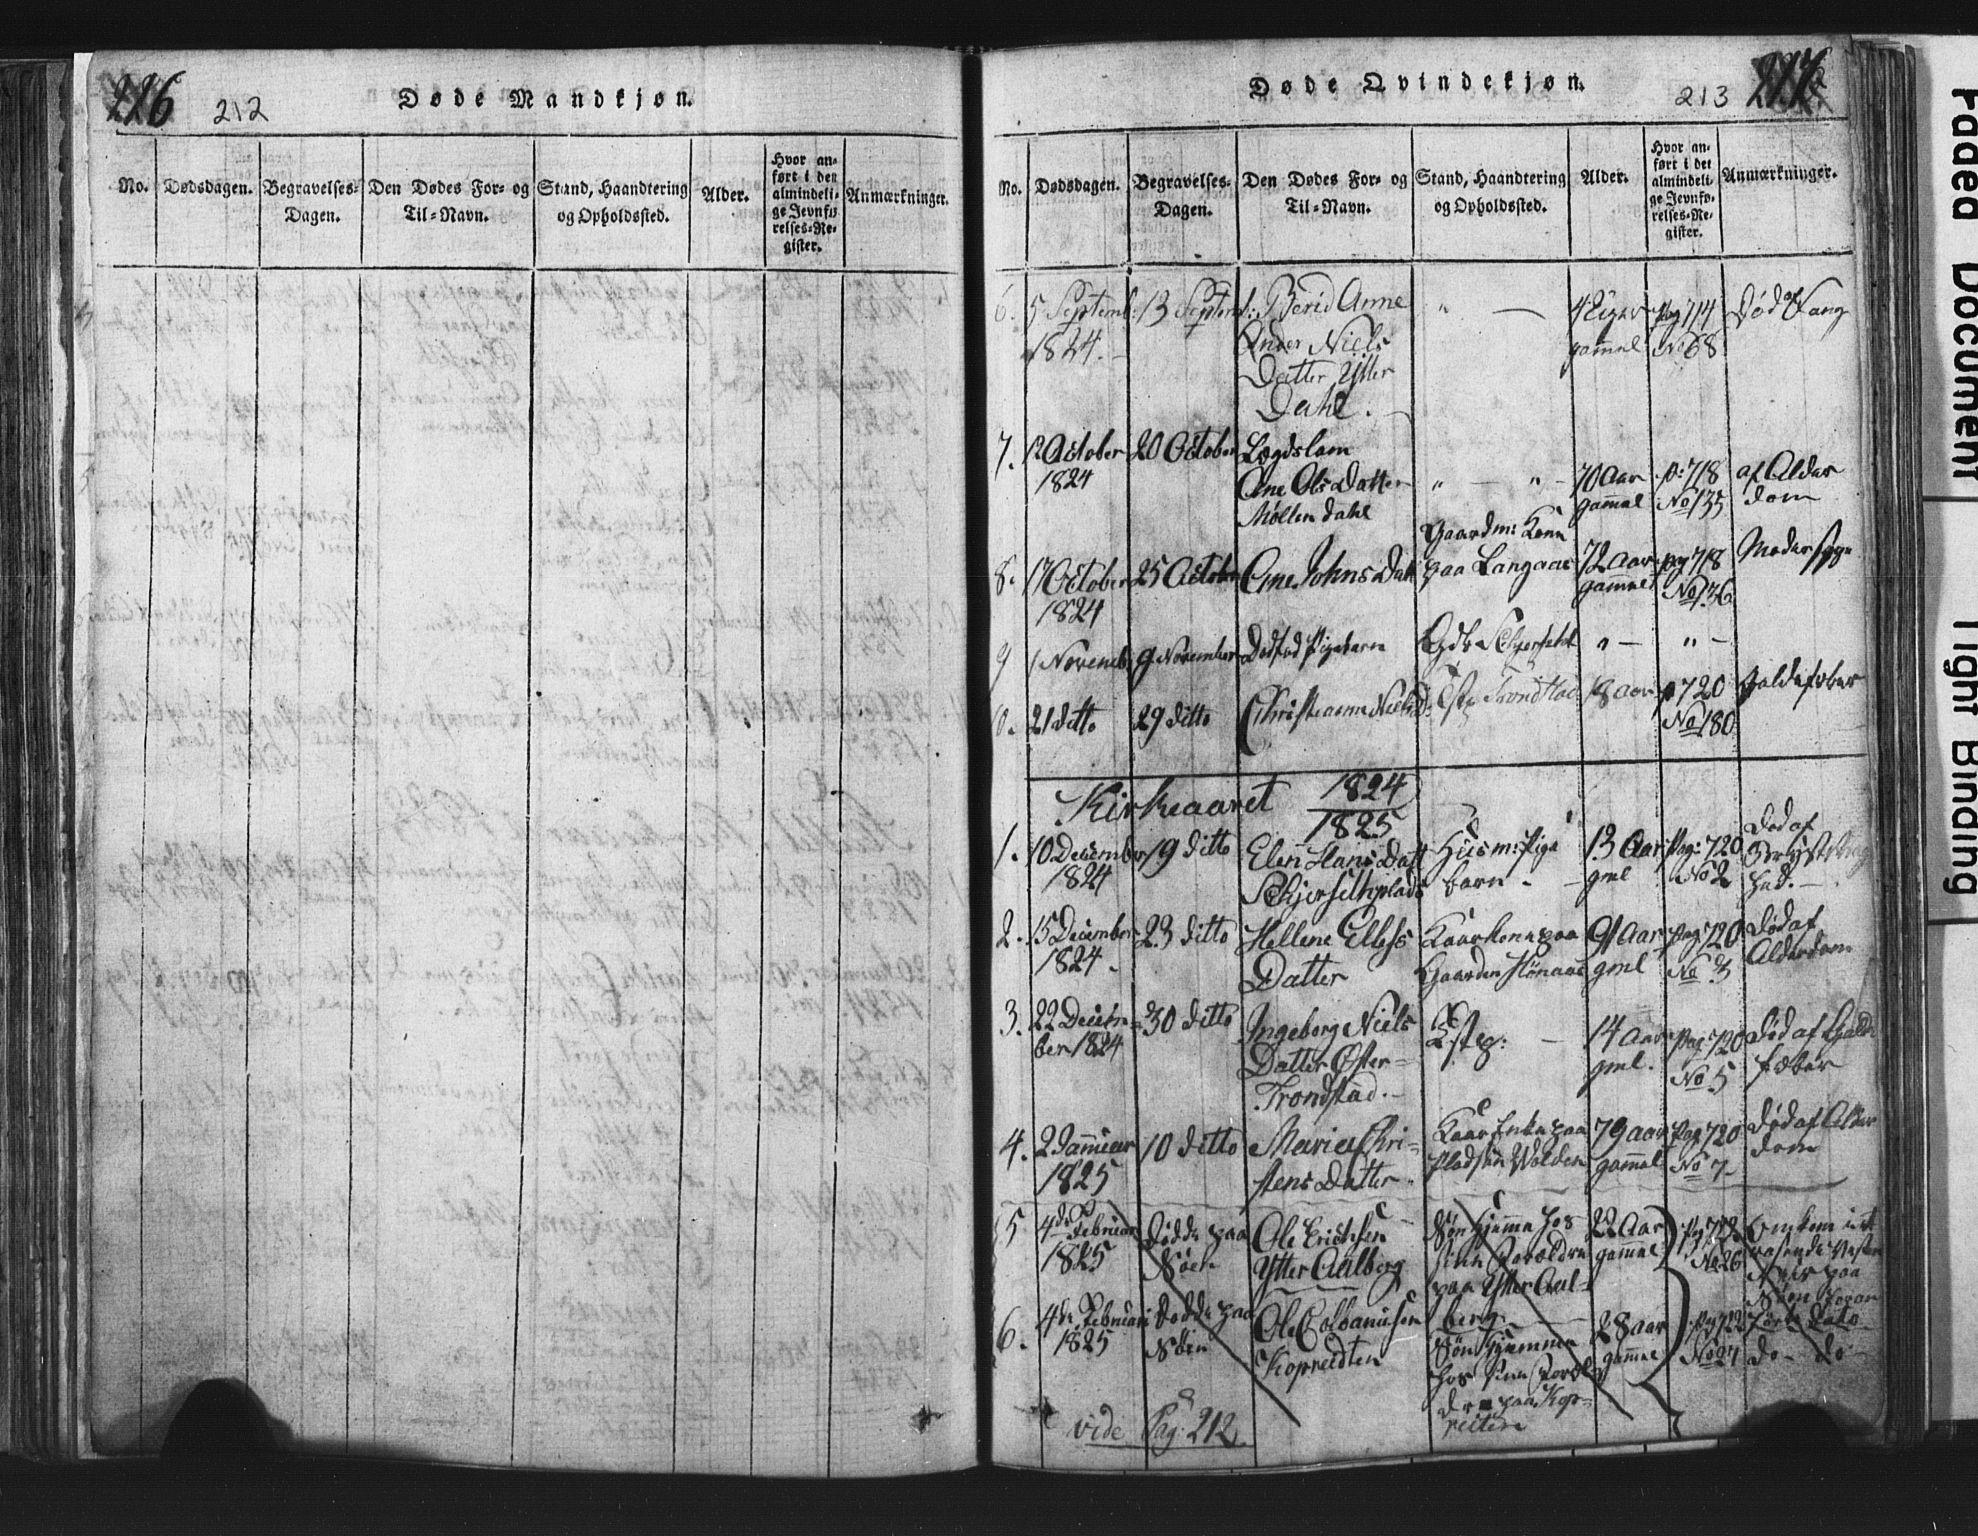 SAT, Ministerialprotokoller, klokkerbøker og fødselsregistre - Nord-Trøndelag, 701/L0017: Klokkerbok nr. 701C01, 1817-1825, s. 212-213